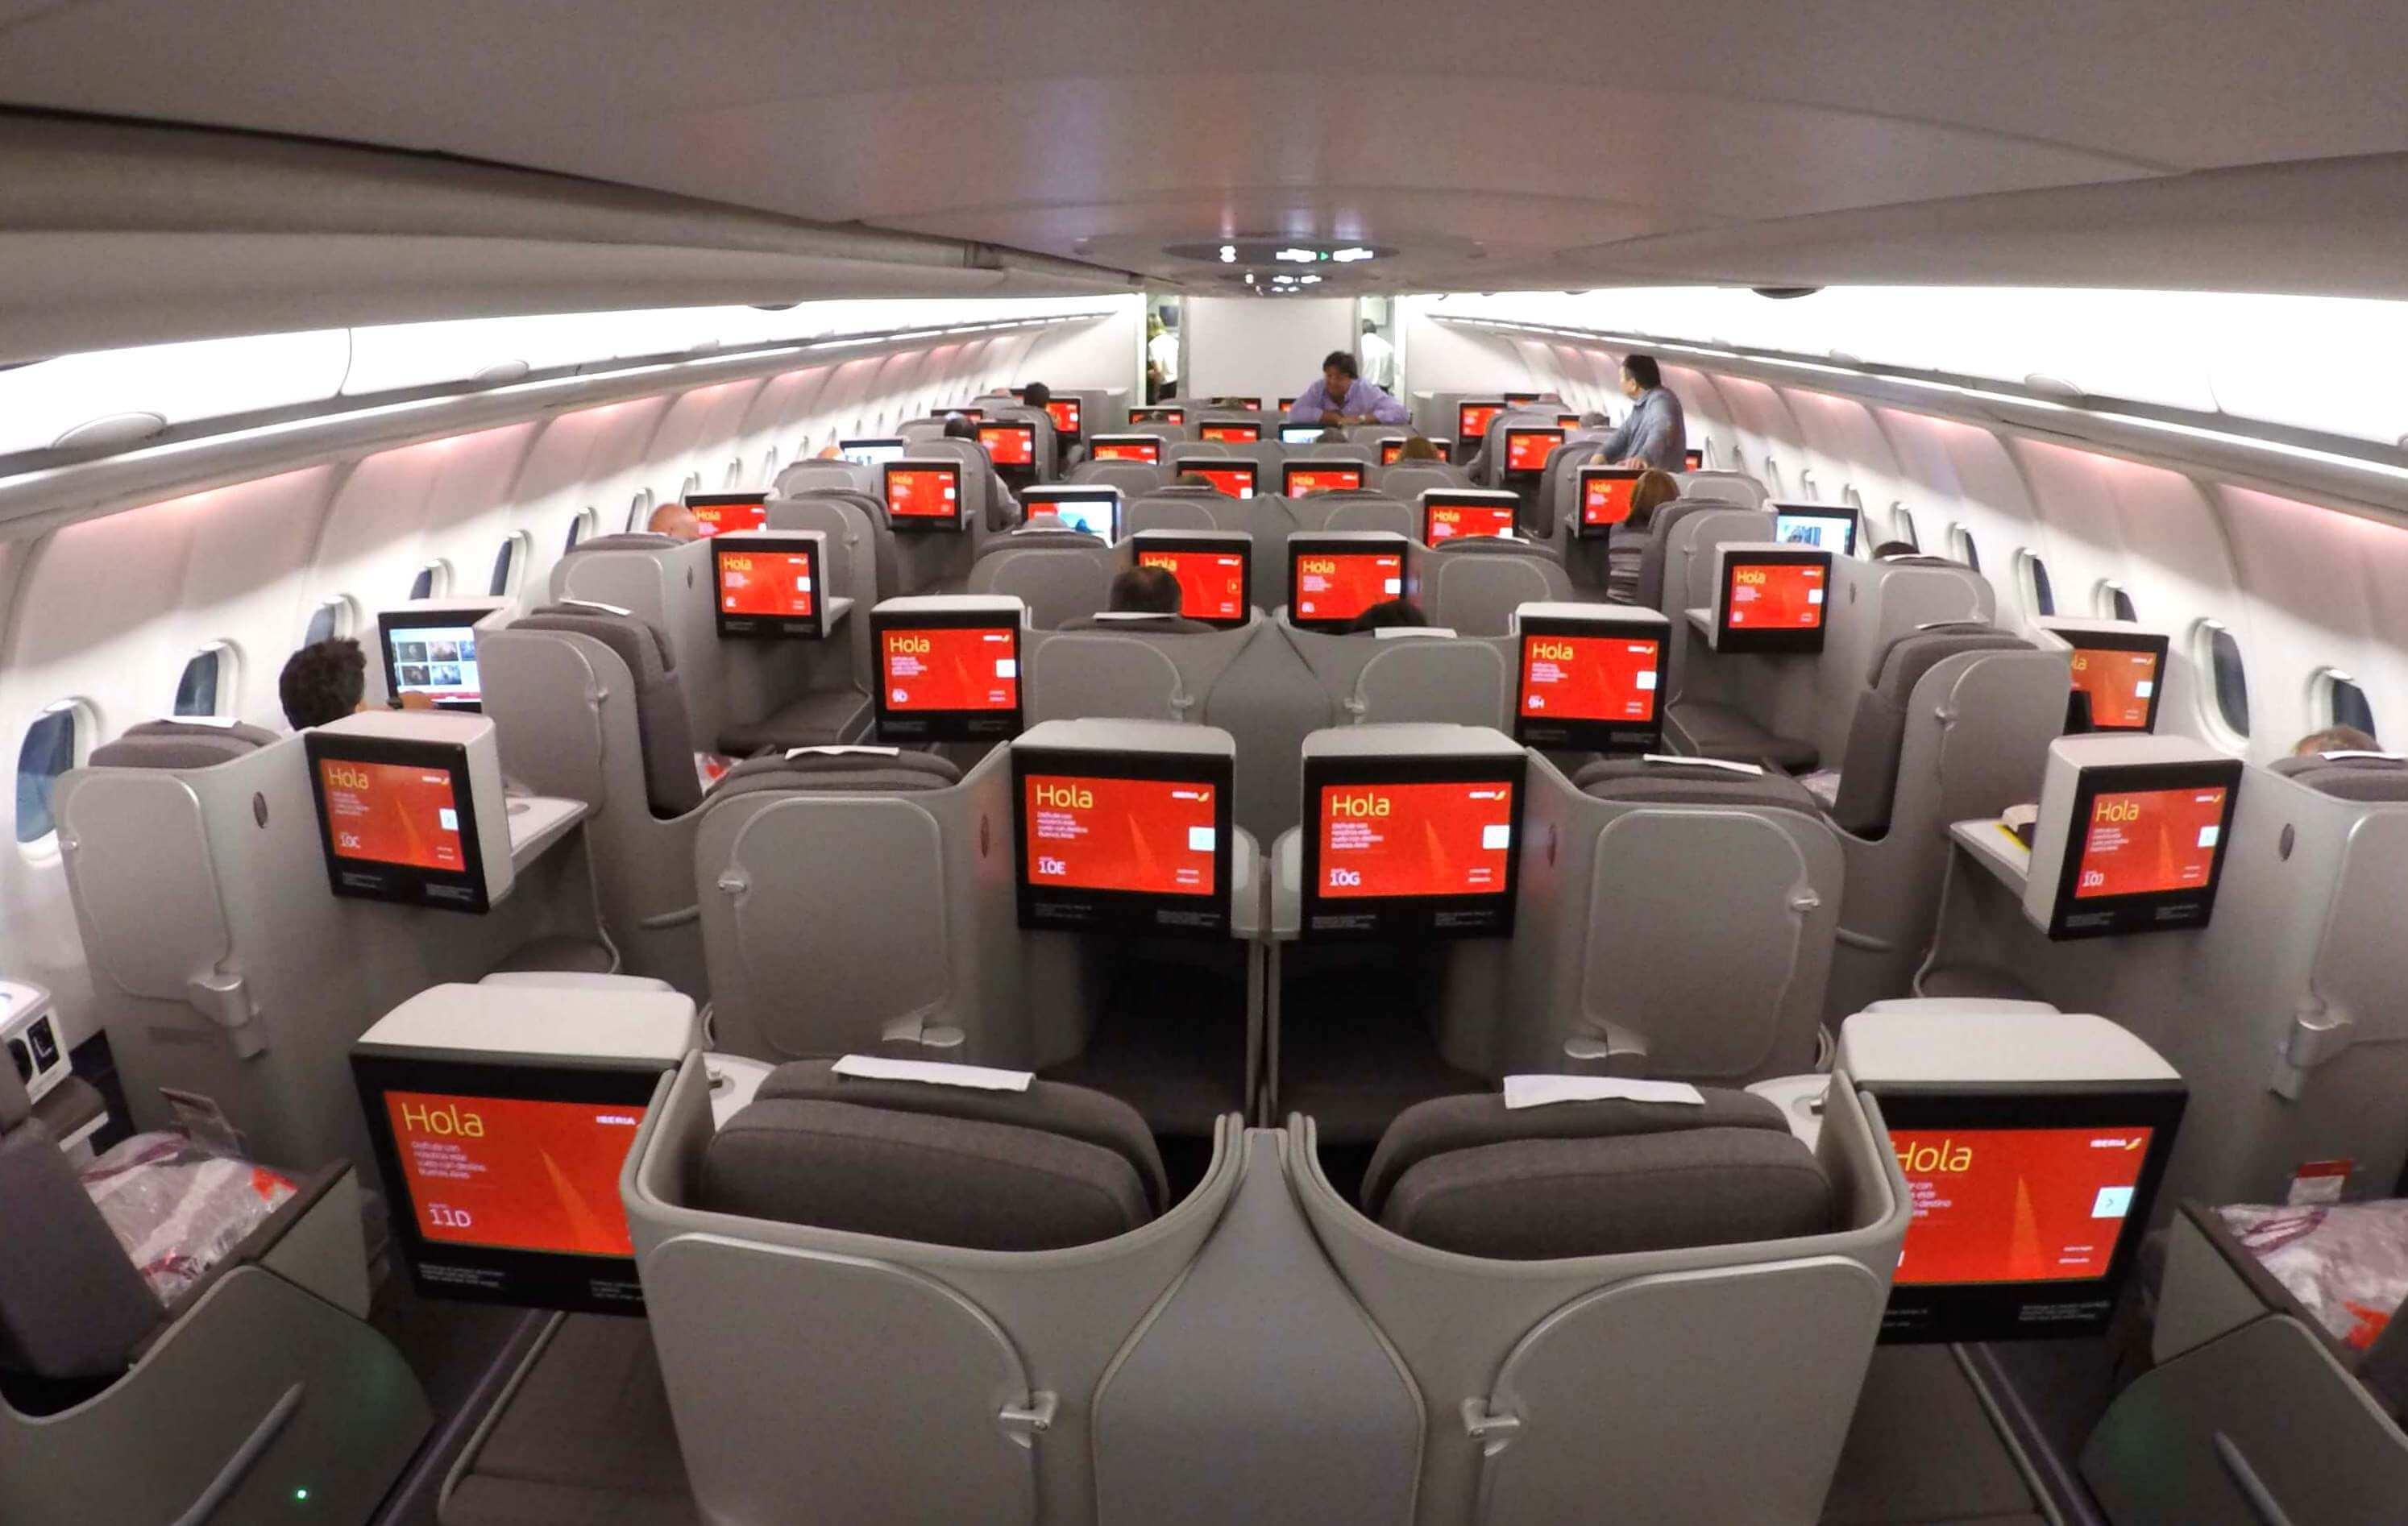 La aerolínea española ofrecerá bonos de 50 euros de descuento hasta el 30 de abril.